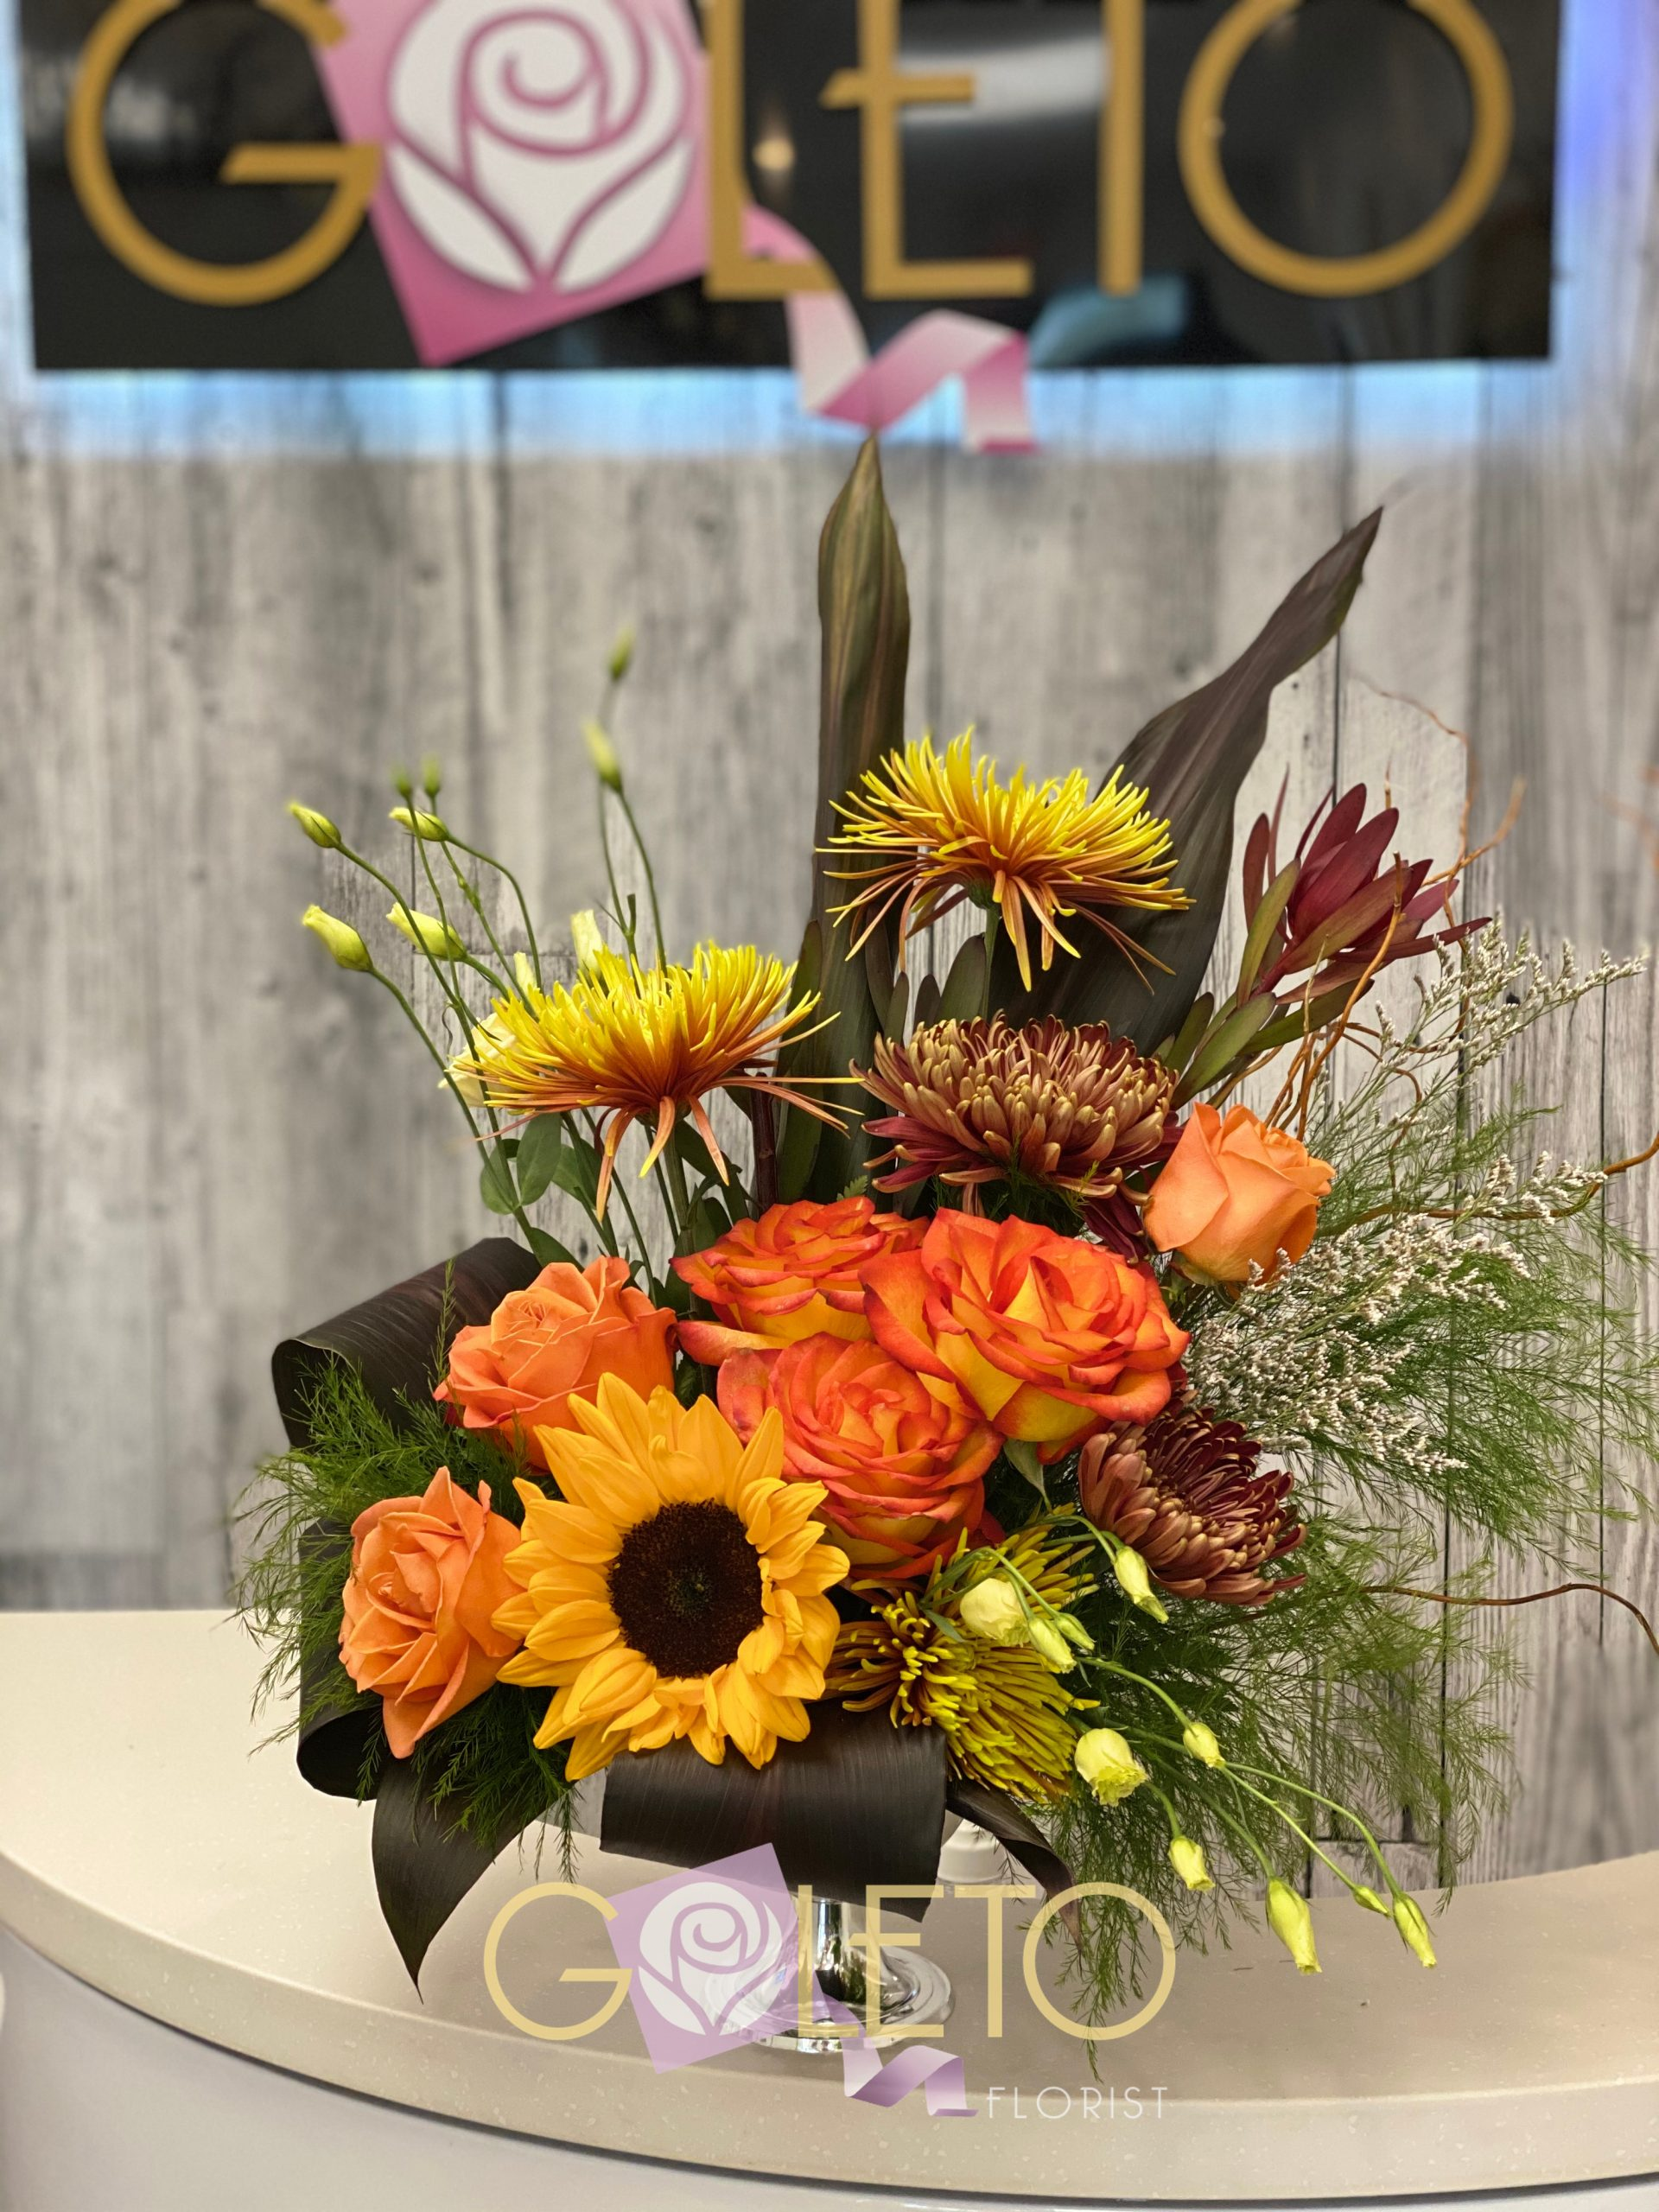 goleto-flower-design-richmond-hill-flower-shop101